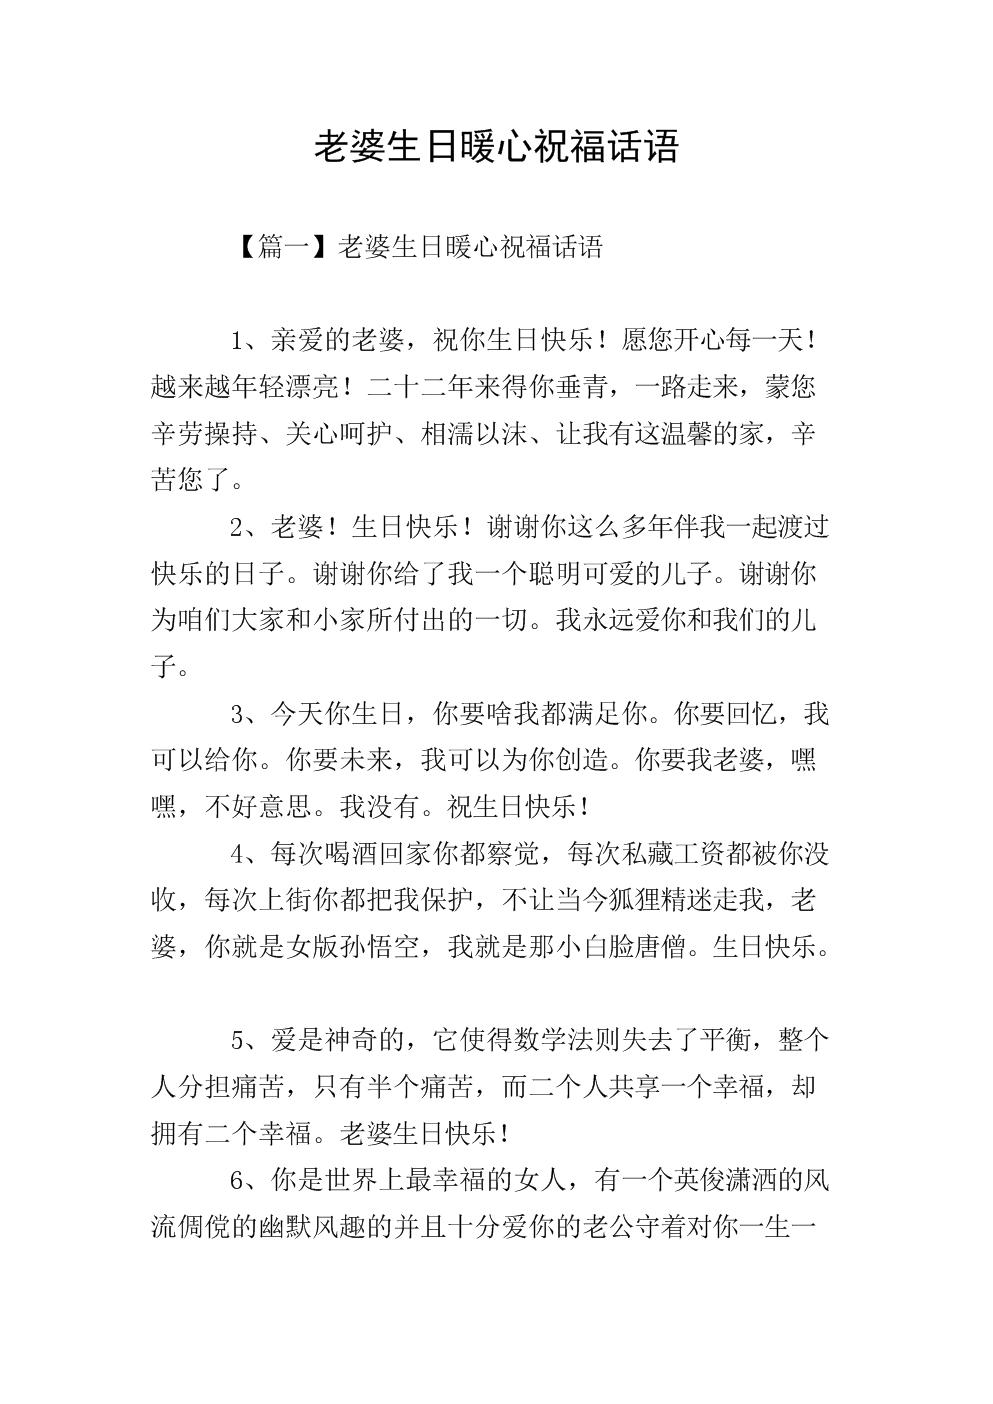 老婆生日暖心祝福话语.doc